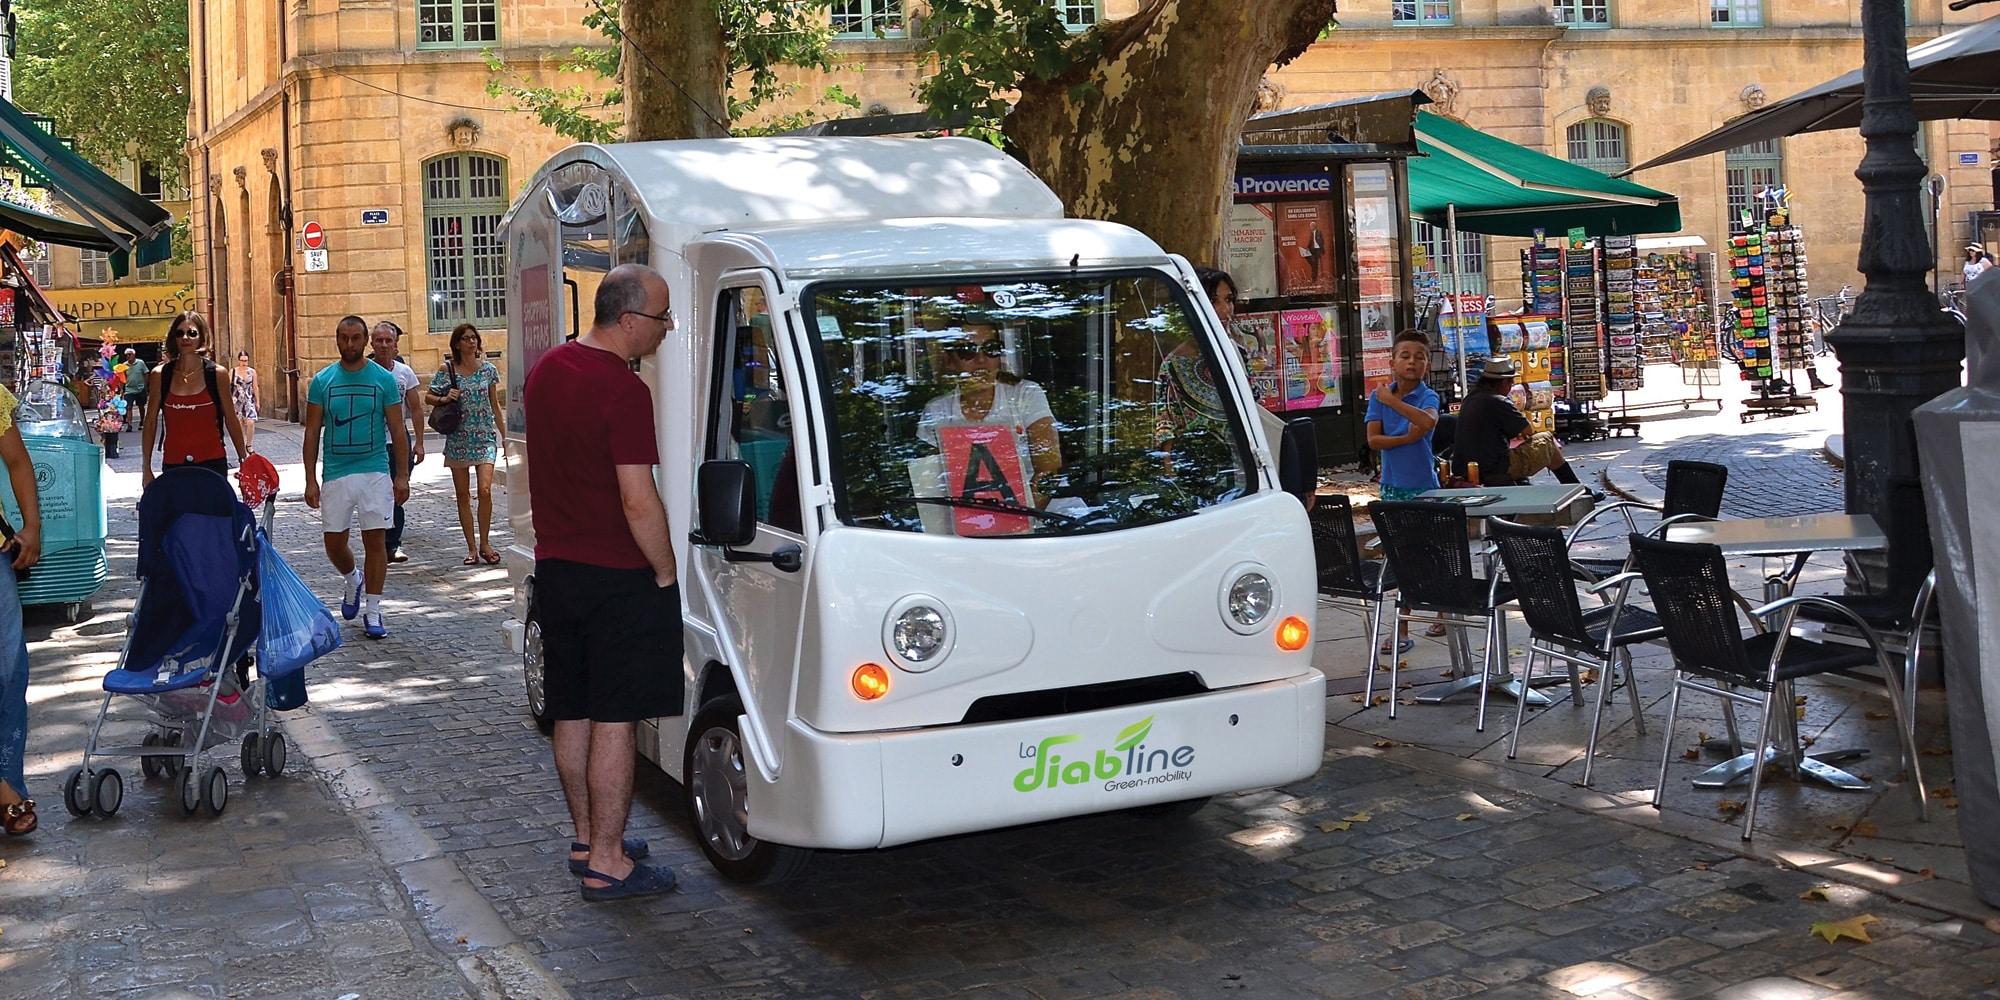 La diabline la navette lectrique du centre ville d 39 aix en provence - Aix en provence salon bus ...